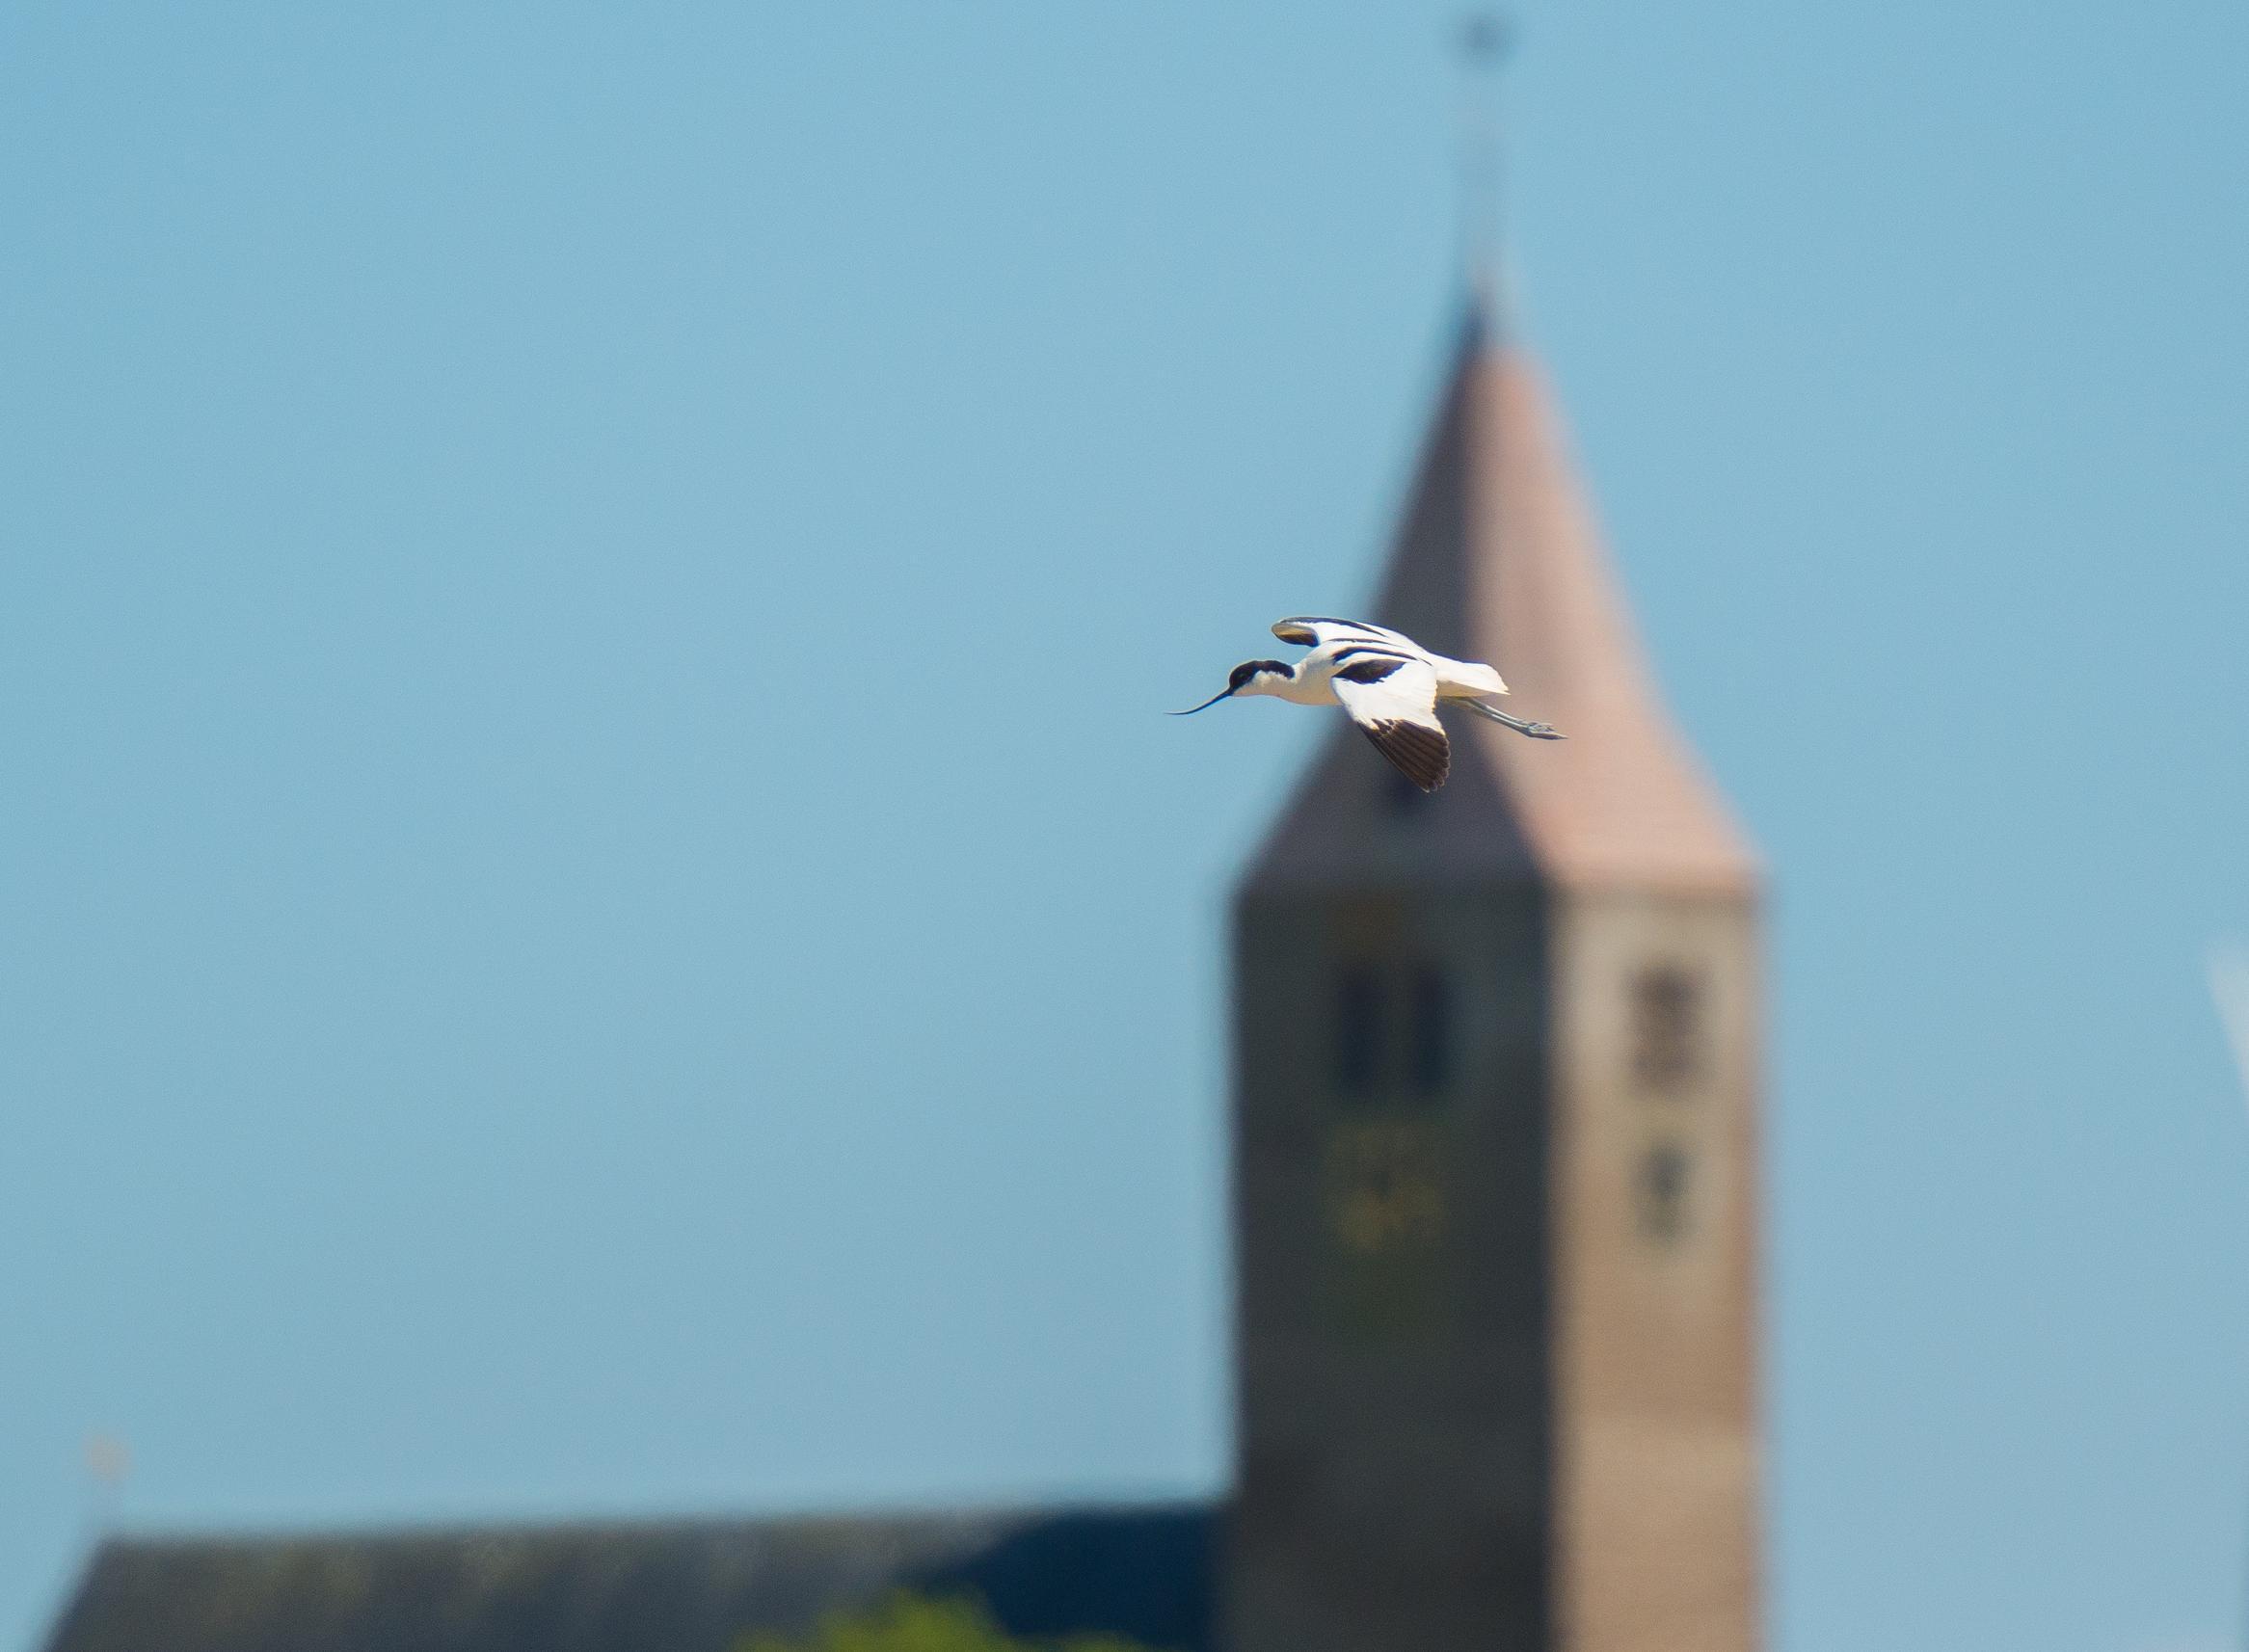 Een sierlijke kluut scheert langs een eeuwenoude kerktoren. 'Wieringen is zó bijzonder', zegt natuurfotograaf Gerard Bos genietend